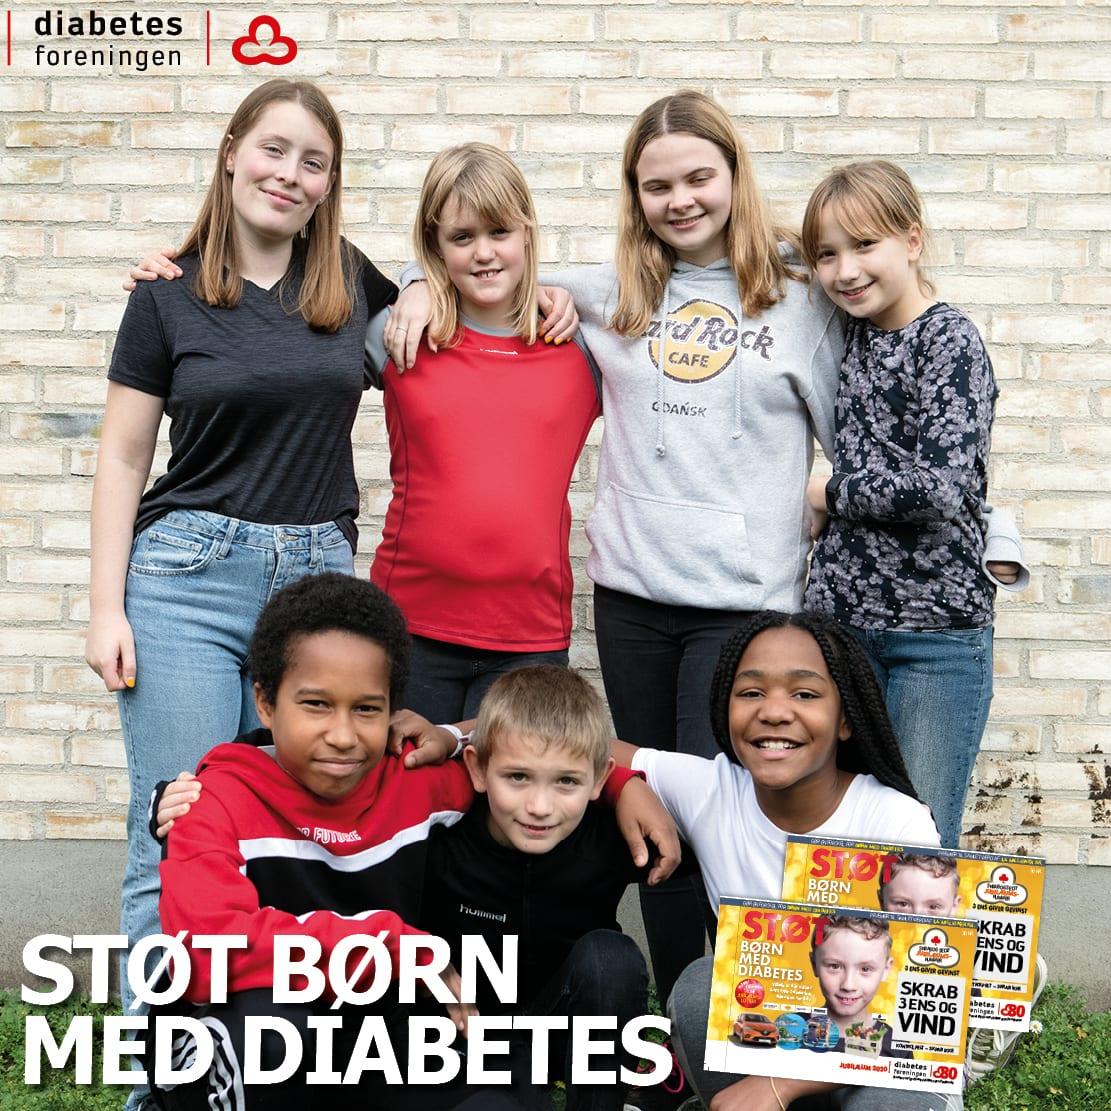 Tjen penge på skrabelodssalg – mens du støtter børn med diabetes